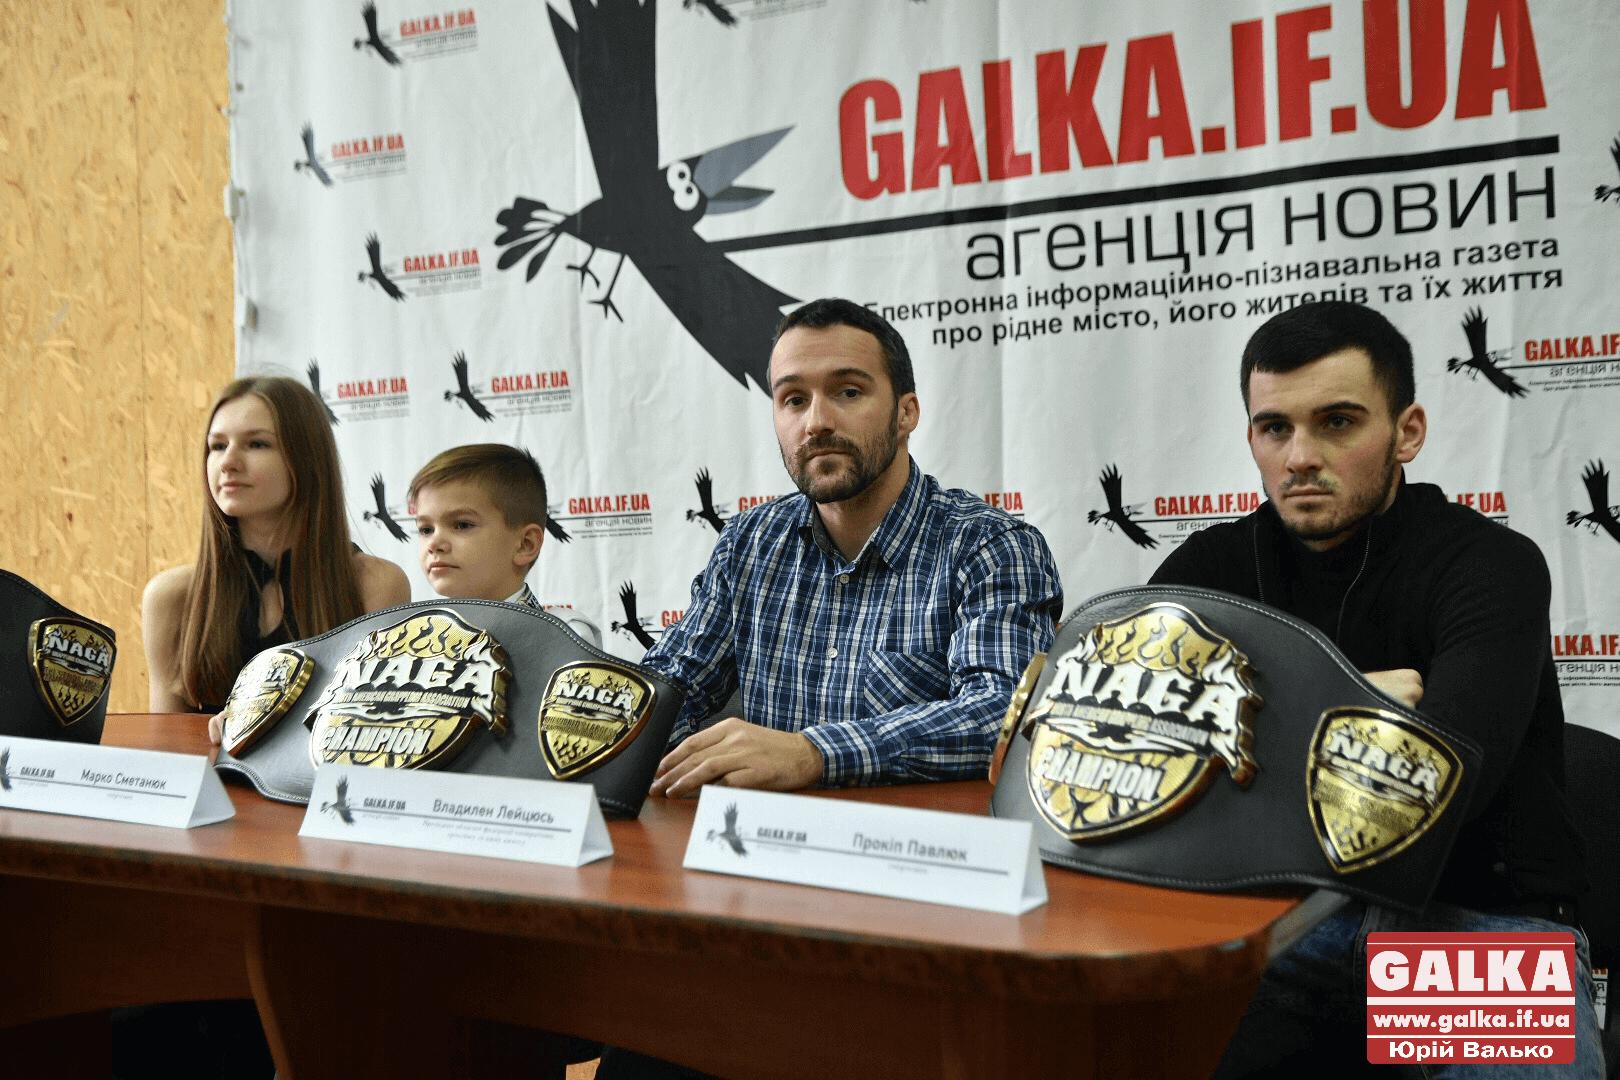 Франківські бійці здобули нагороди на Чемпіонаті Європи з джиу джитсу (фото)